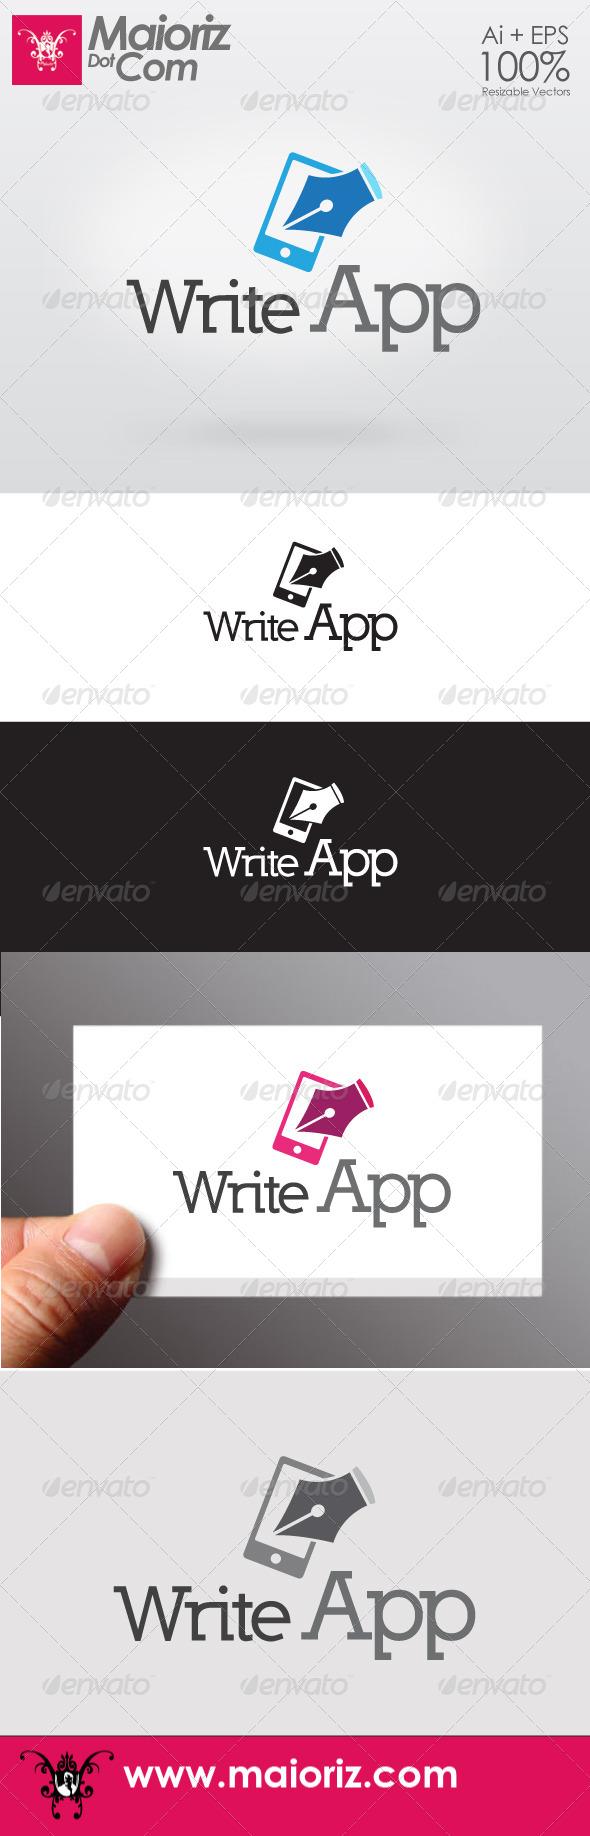 GraphicRiver Write App Logo 6701654